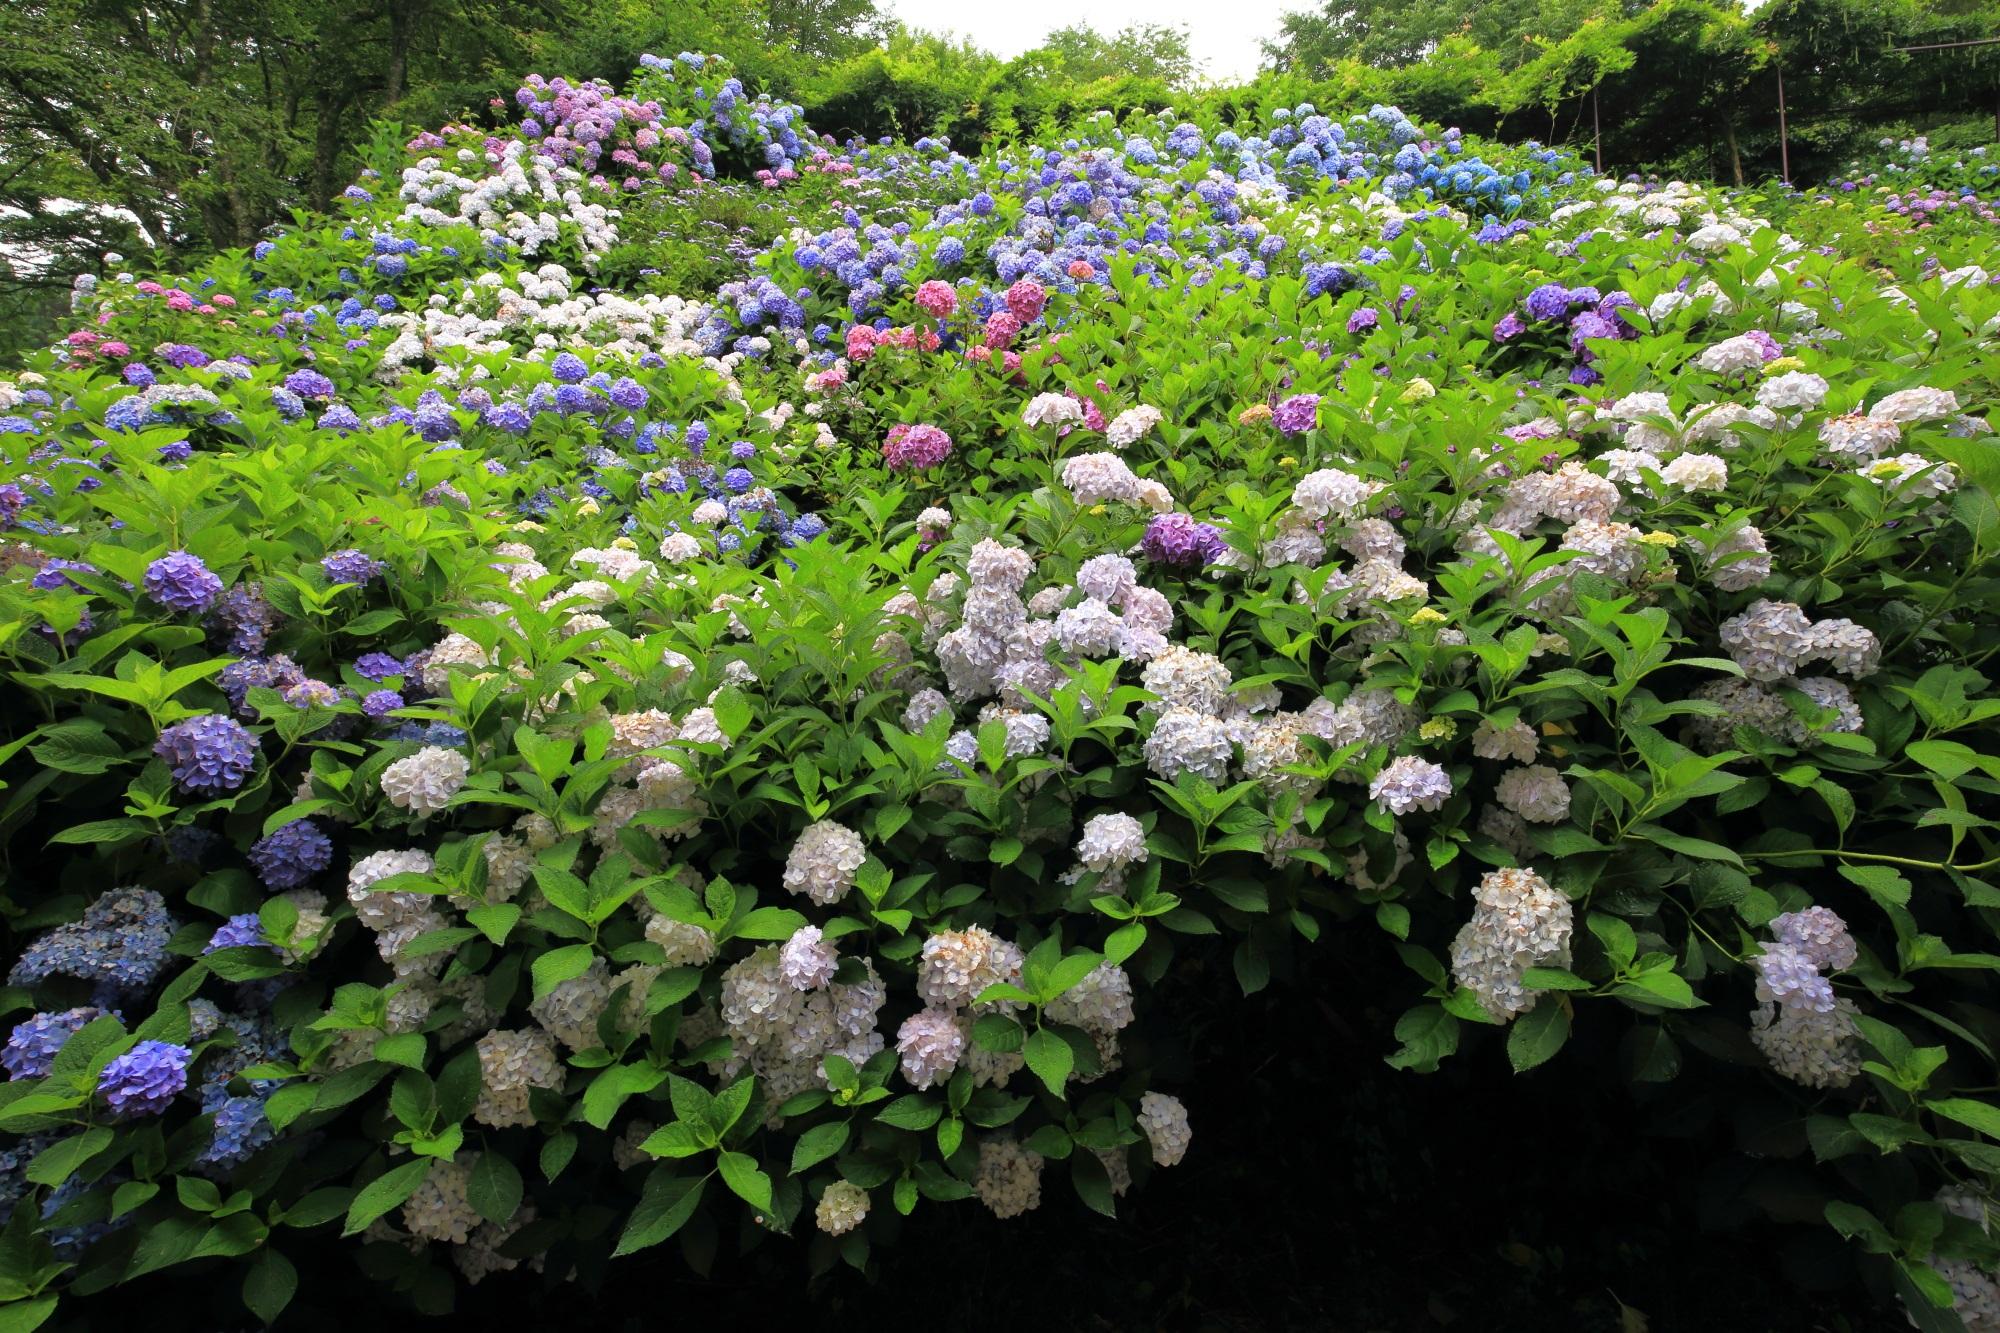 福知山の紫陽花の名所の丹州観音寺